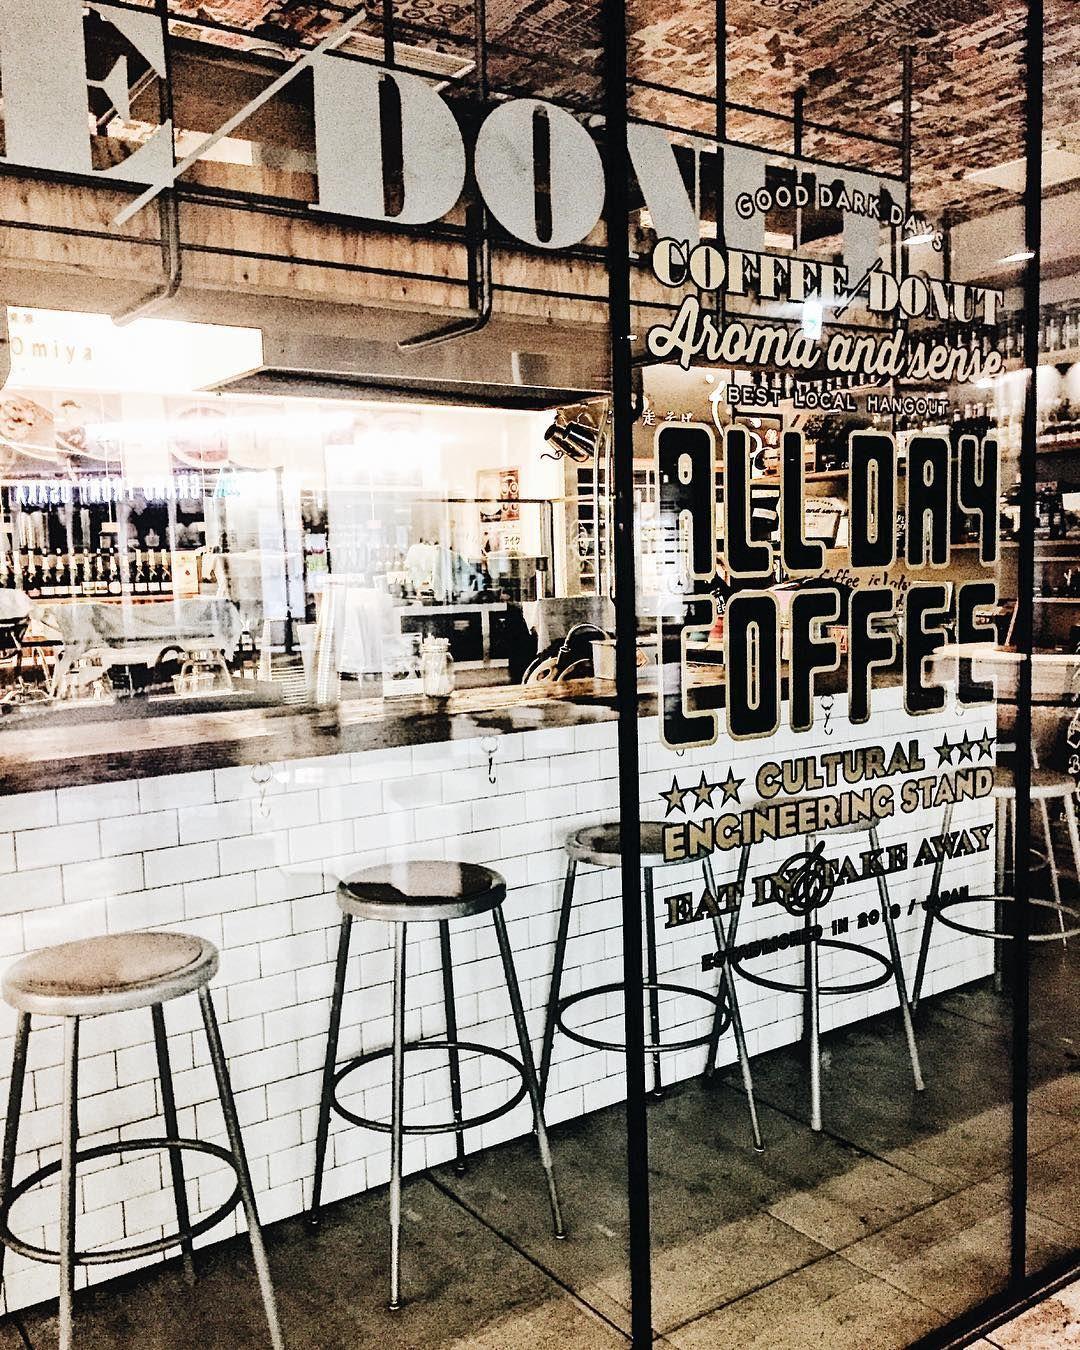 大阪観光をおしゃれに彩る 梅田周辺のおすすめ コーヒースタンド カフェ 7選 Retrip リトリップ コーヒースタンド コーヒーカップ おしゃれ カフェ